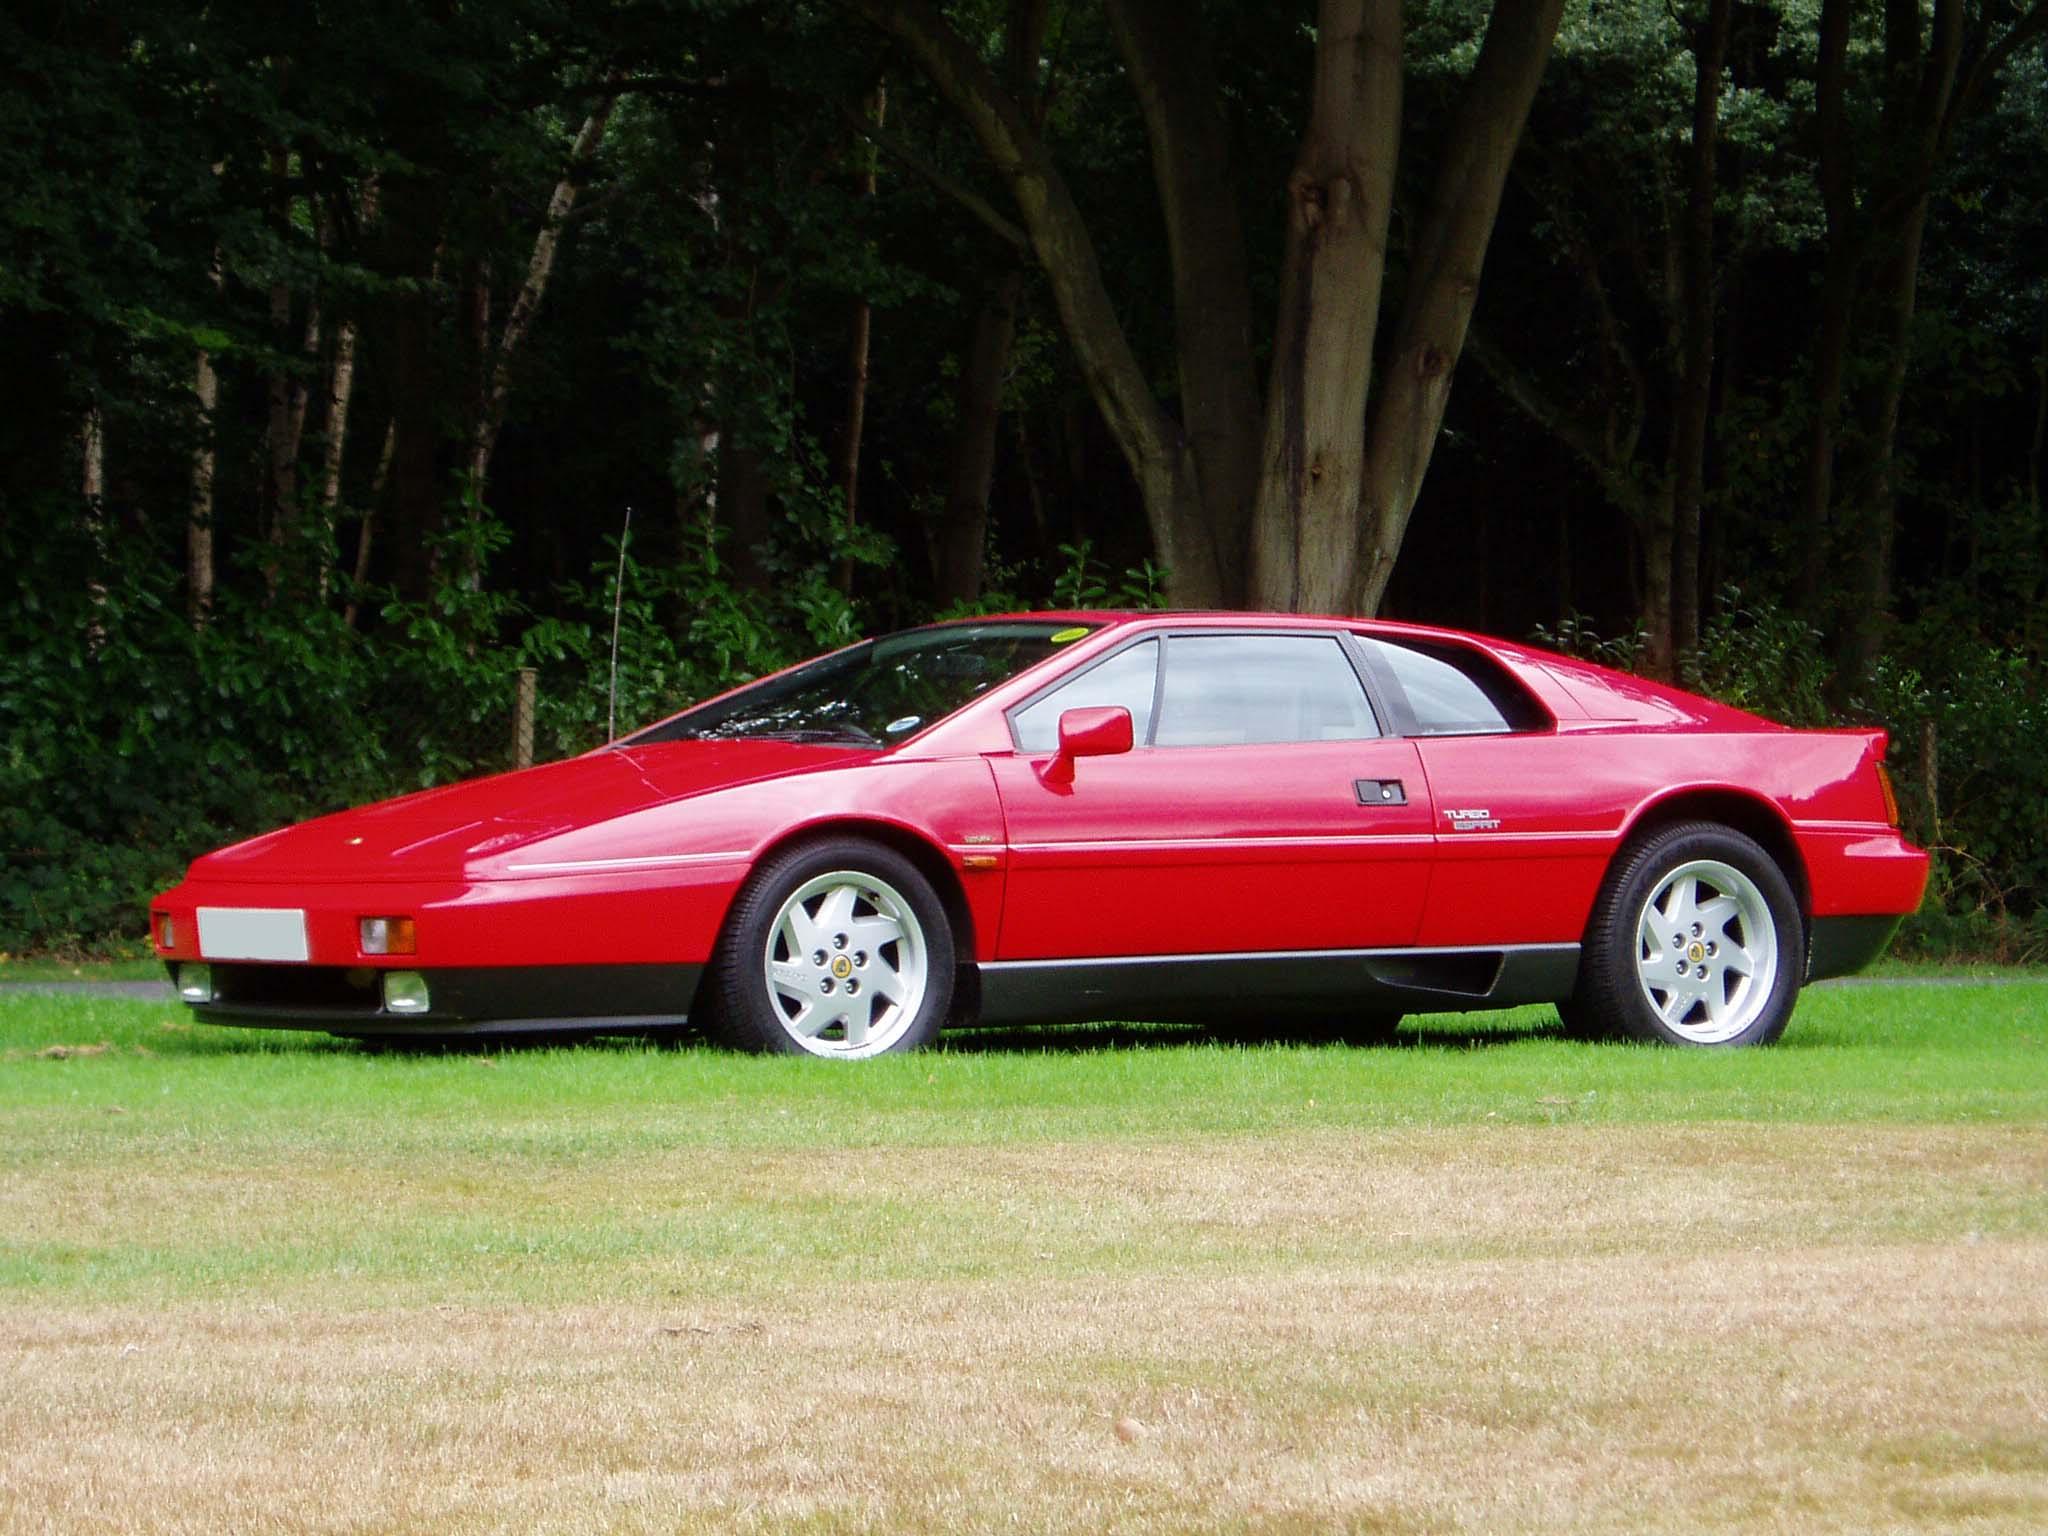 Lotus Esprit Turbo 1988